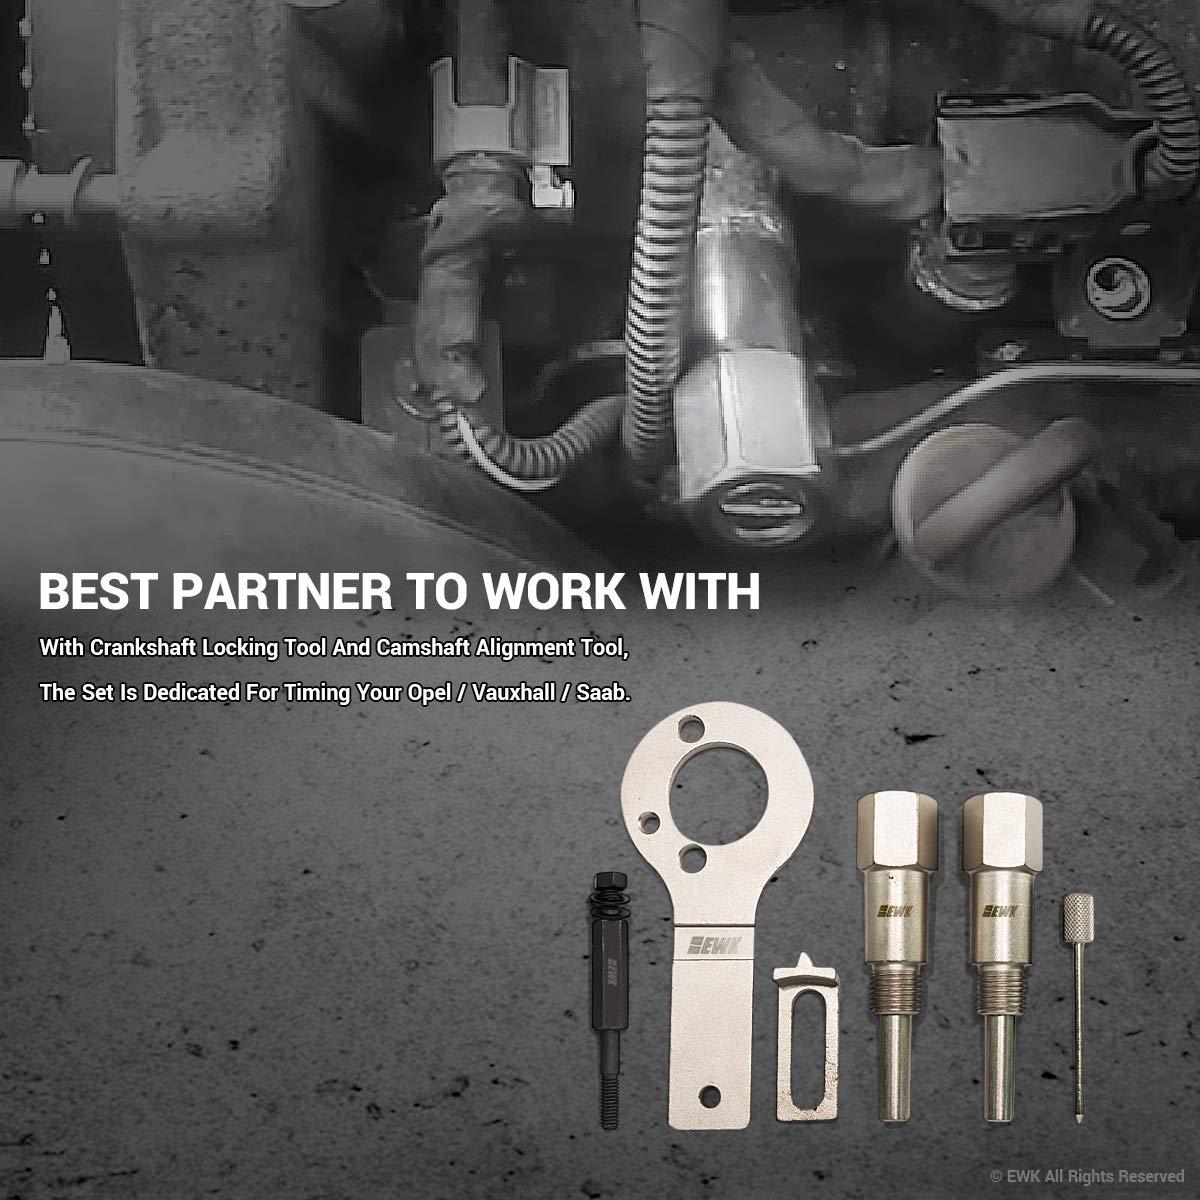 Ewk Crankshaft Locking Alignment Timing Belt Tool For Vauxhall Opel Saab 19 Cdti Tdi